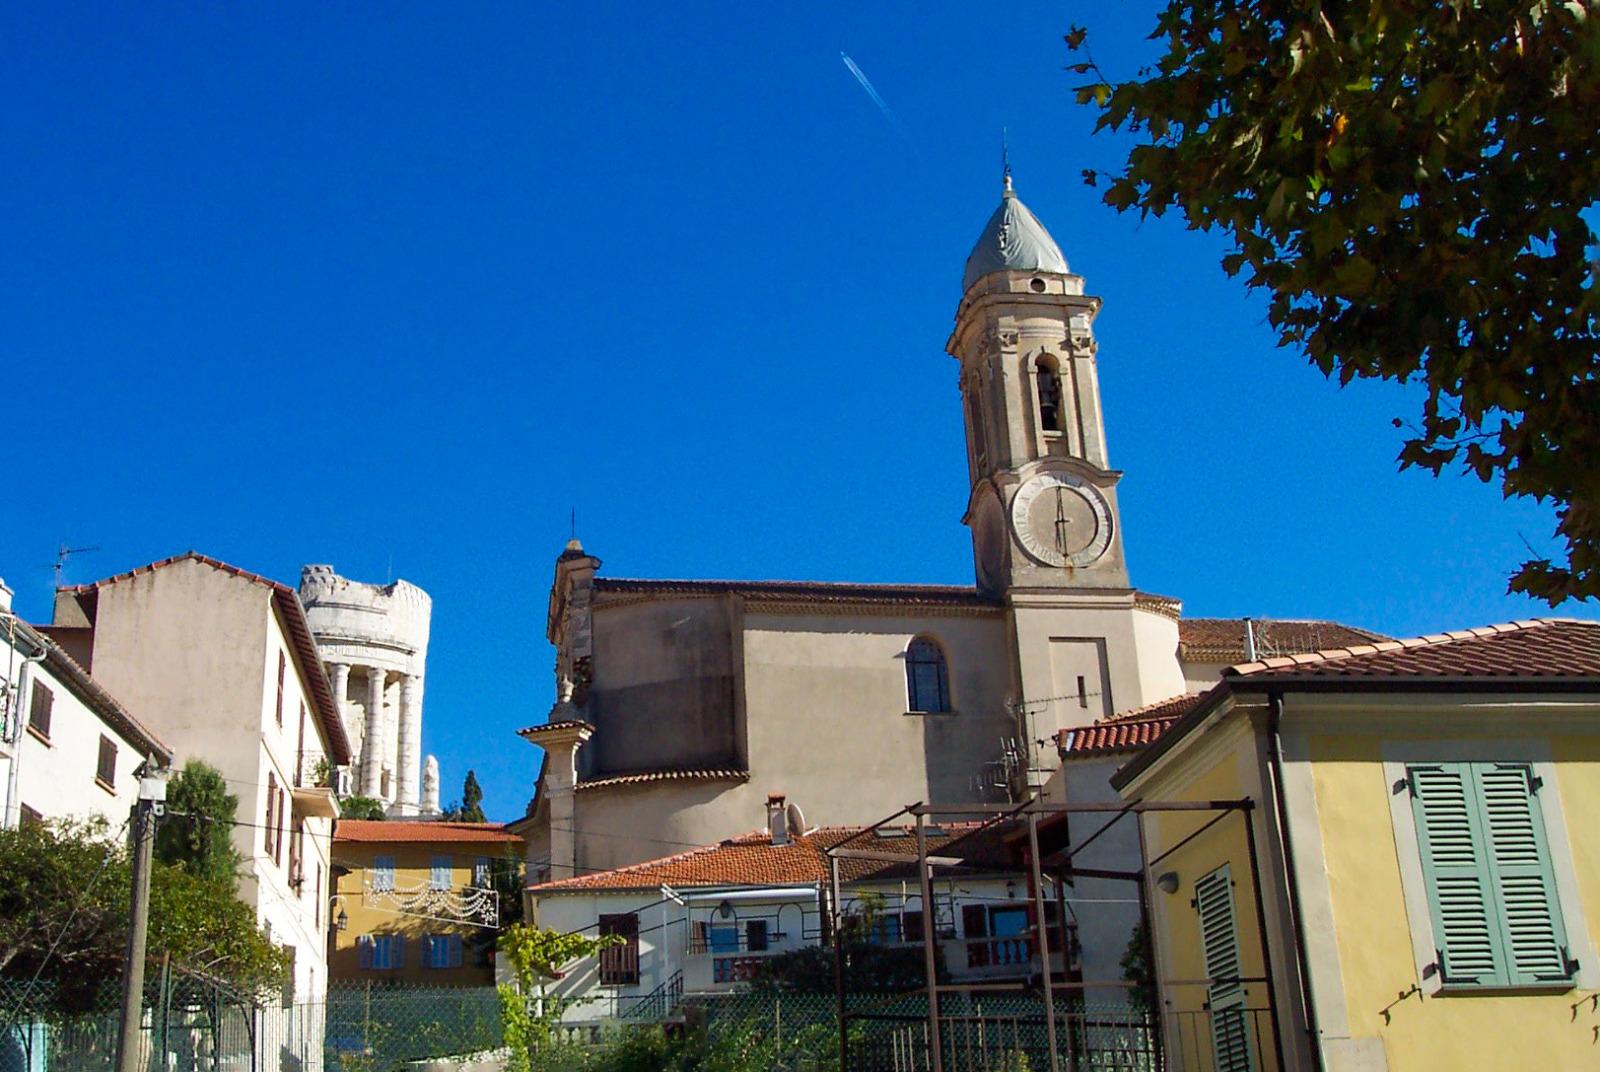 La Turbie. Photo Patrice Semeria (Public Domain)